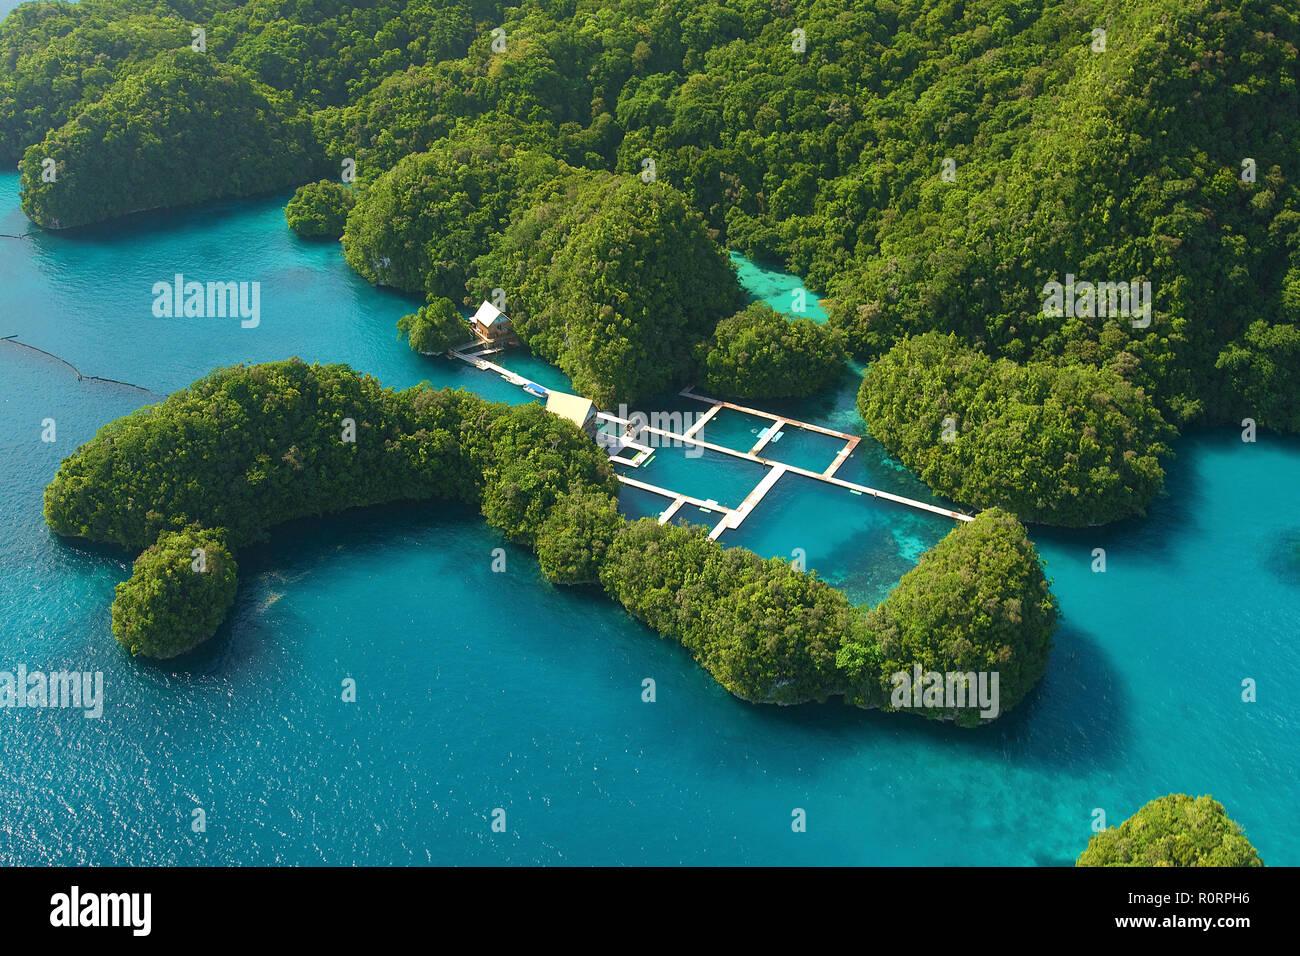 Luftaufnahme, Fischfarm am Rand der Mangroven, Palau, Mikronesien | Fish farm at mangroves, aerial view, Palau, Micronesia - Stock Image